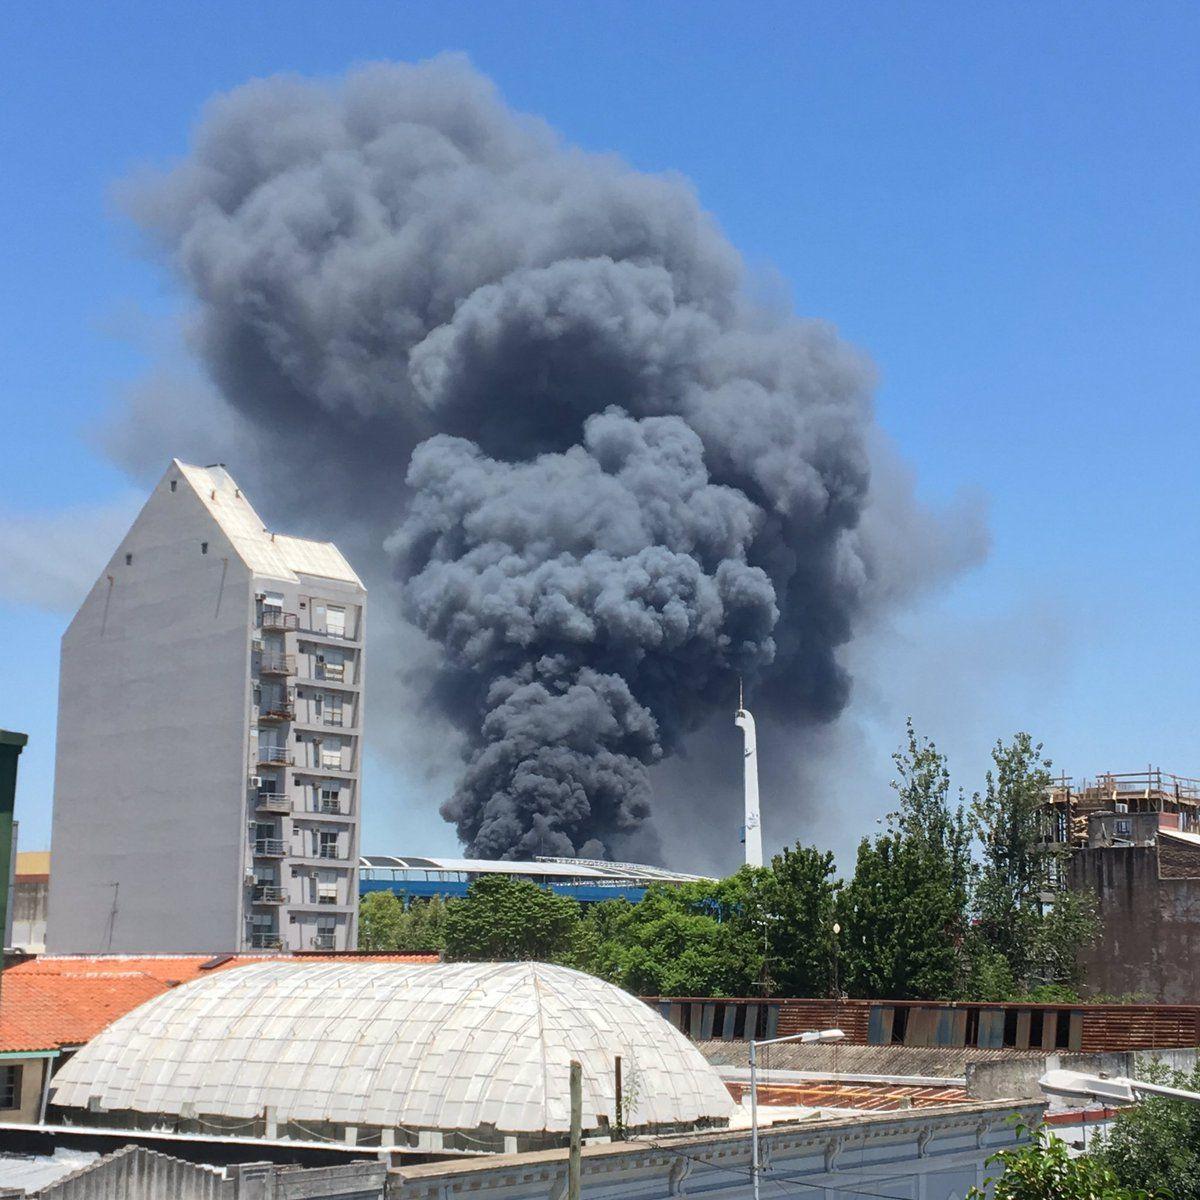 El incendio comenzó pasado el mediodía